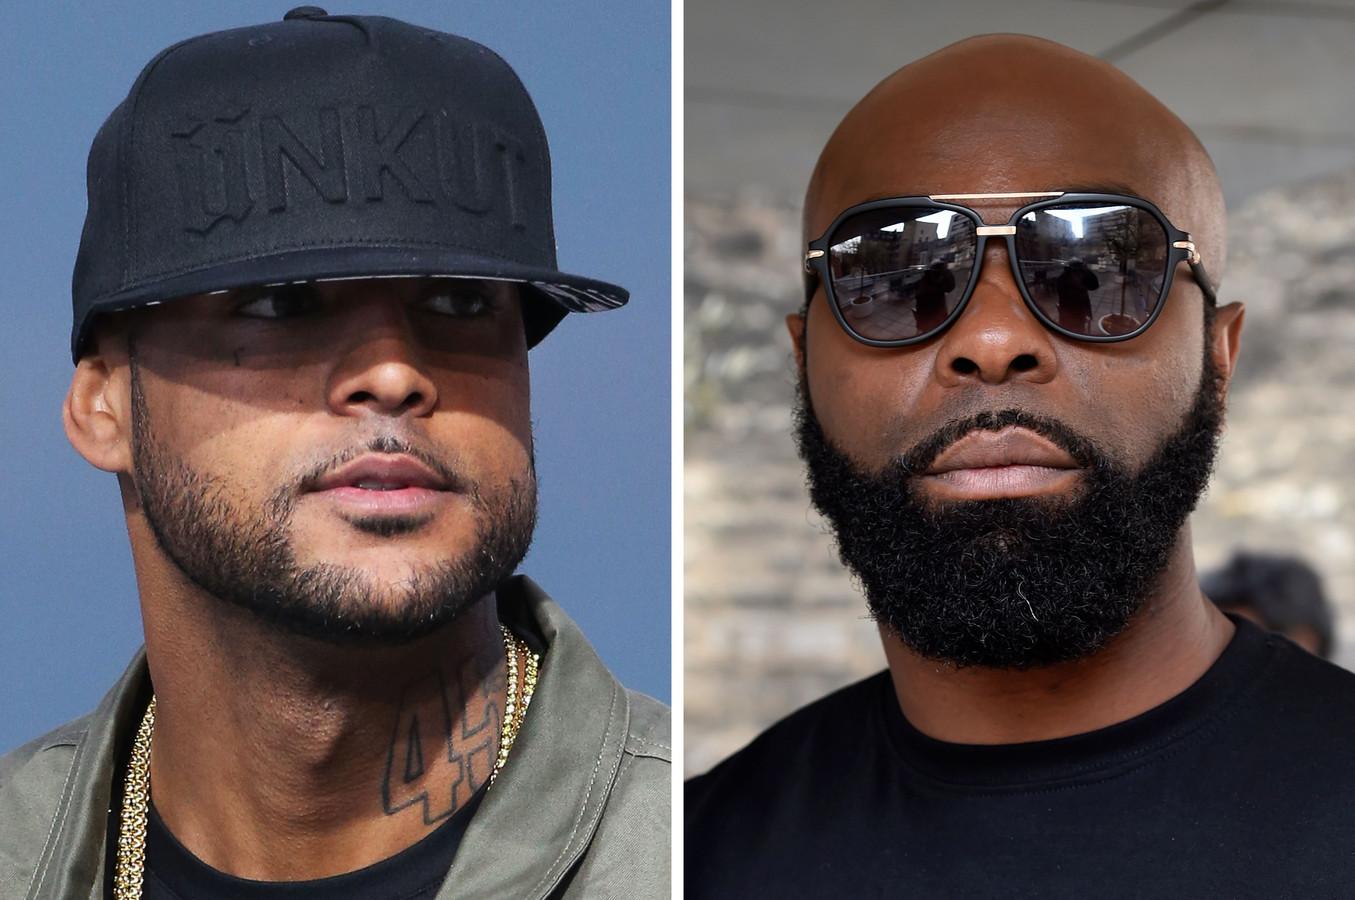 Kaaris et Booba avaient été condamnés à 18 mois de prison avec sursis et 50.000 euros d'amende pour leur grabuge à l'aéroport d'Orly.